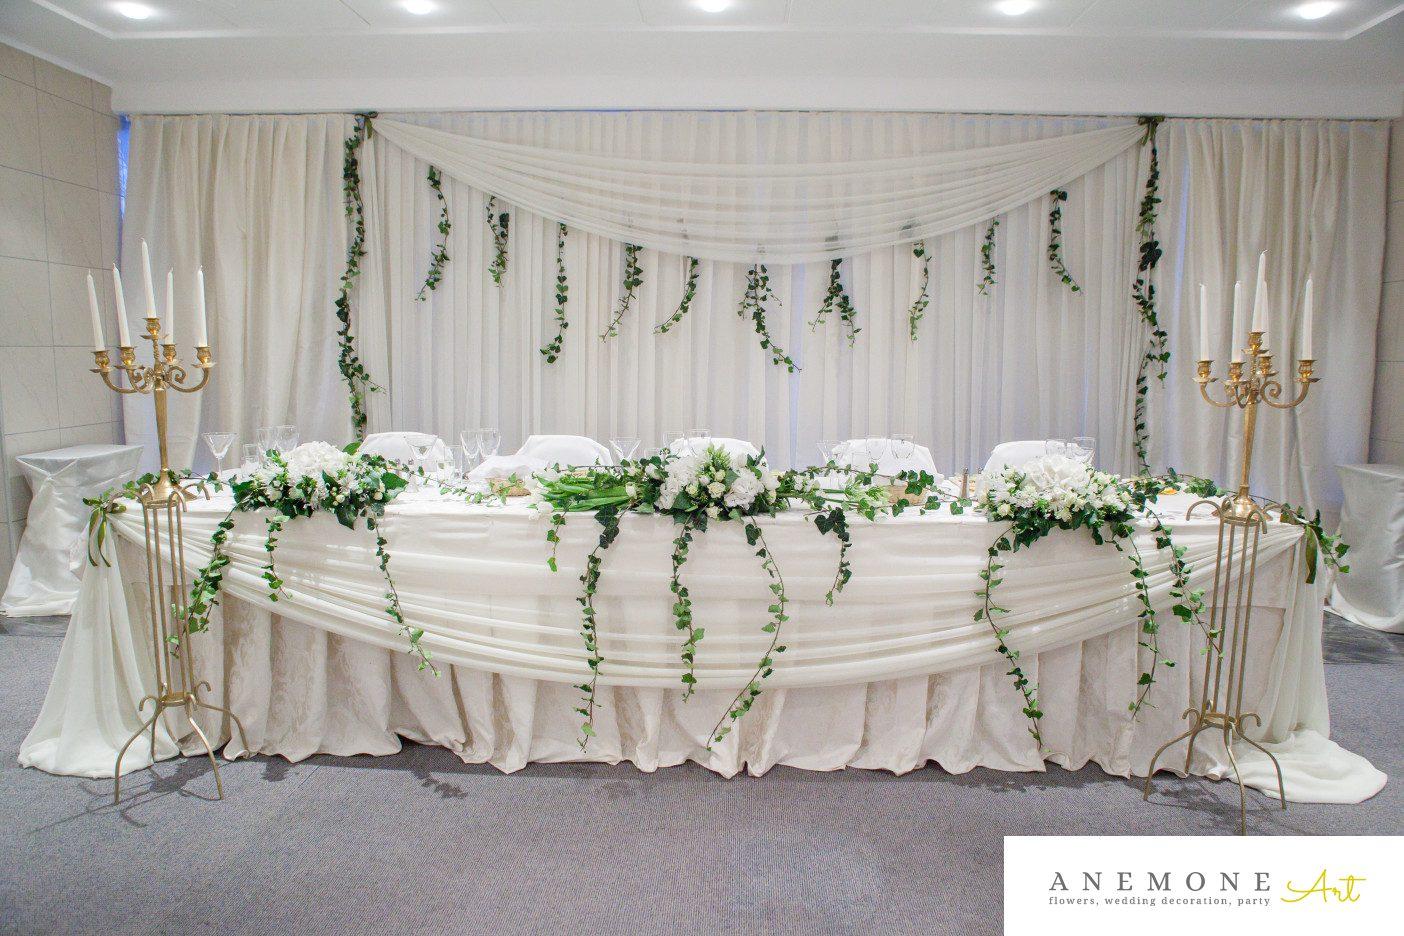 Poza, foto cu Flori de nunta alb, decor sala, prezidiu in Arad, Timisoara, Oradea (wedding flowers, bouquets) nunta Arad, Timisoara, Oradea